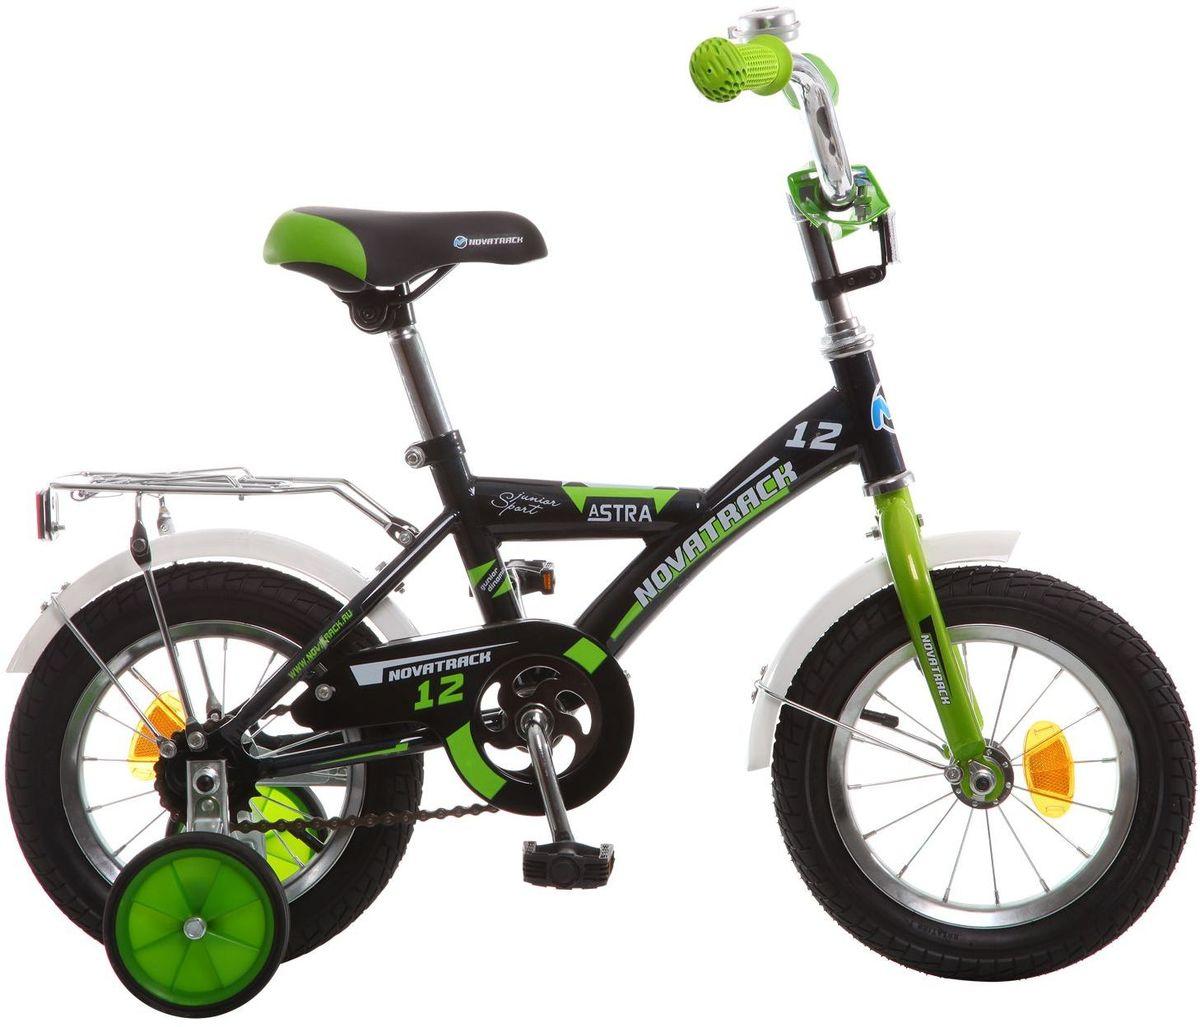 Велосипед детский Novatrack Astra, цвет: черный, 12123ASTRA.BK5Хотите, чтобы ваш ребенок играя укреплял здоровье? Тогда ему нужен удобный и надежный велосипед Novatrack Astra 12'', рассчитанный на малышей 2-4 лет. Одного взгляда малыша хватит, чтобы раз и навсегда влюбиться в свой новенький двухколесный транспорт, который в принципе, сначала можно назвать и четырехколесным. Дополнительную устойчивость железному «коню» обеспечивают два маленьких съемных колеса в цвет велосипеда. Велосипед собран на базе рамы с универсальной геометрией, которая позволяет легко взобраться или слезть с велосипеда, при этом велосипед имеет такой вес, что маленький ребенок сам легко справляется со своим транспортным средством. Так как велосипед предназначен для самых маленьких, предусмотрен ограничитель поворота руля, который не позволит сильно завернуть руль и упасть. Еще один элемент безопасности – это защита цепи, которая оберегает одежду и ноги малыша от попадания в механизм. Стильные крылья защитят от грязи и брызг, а на багажнике ребенок сможет перевозить массу...